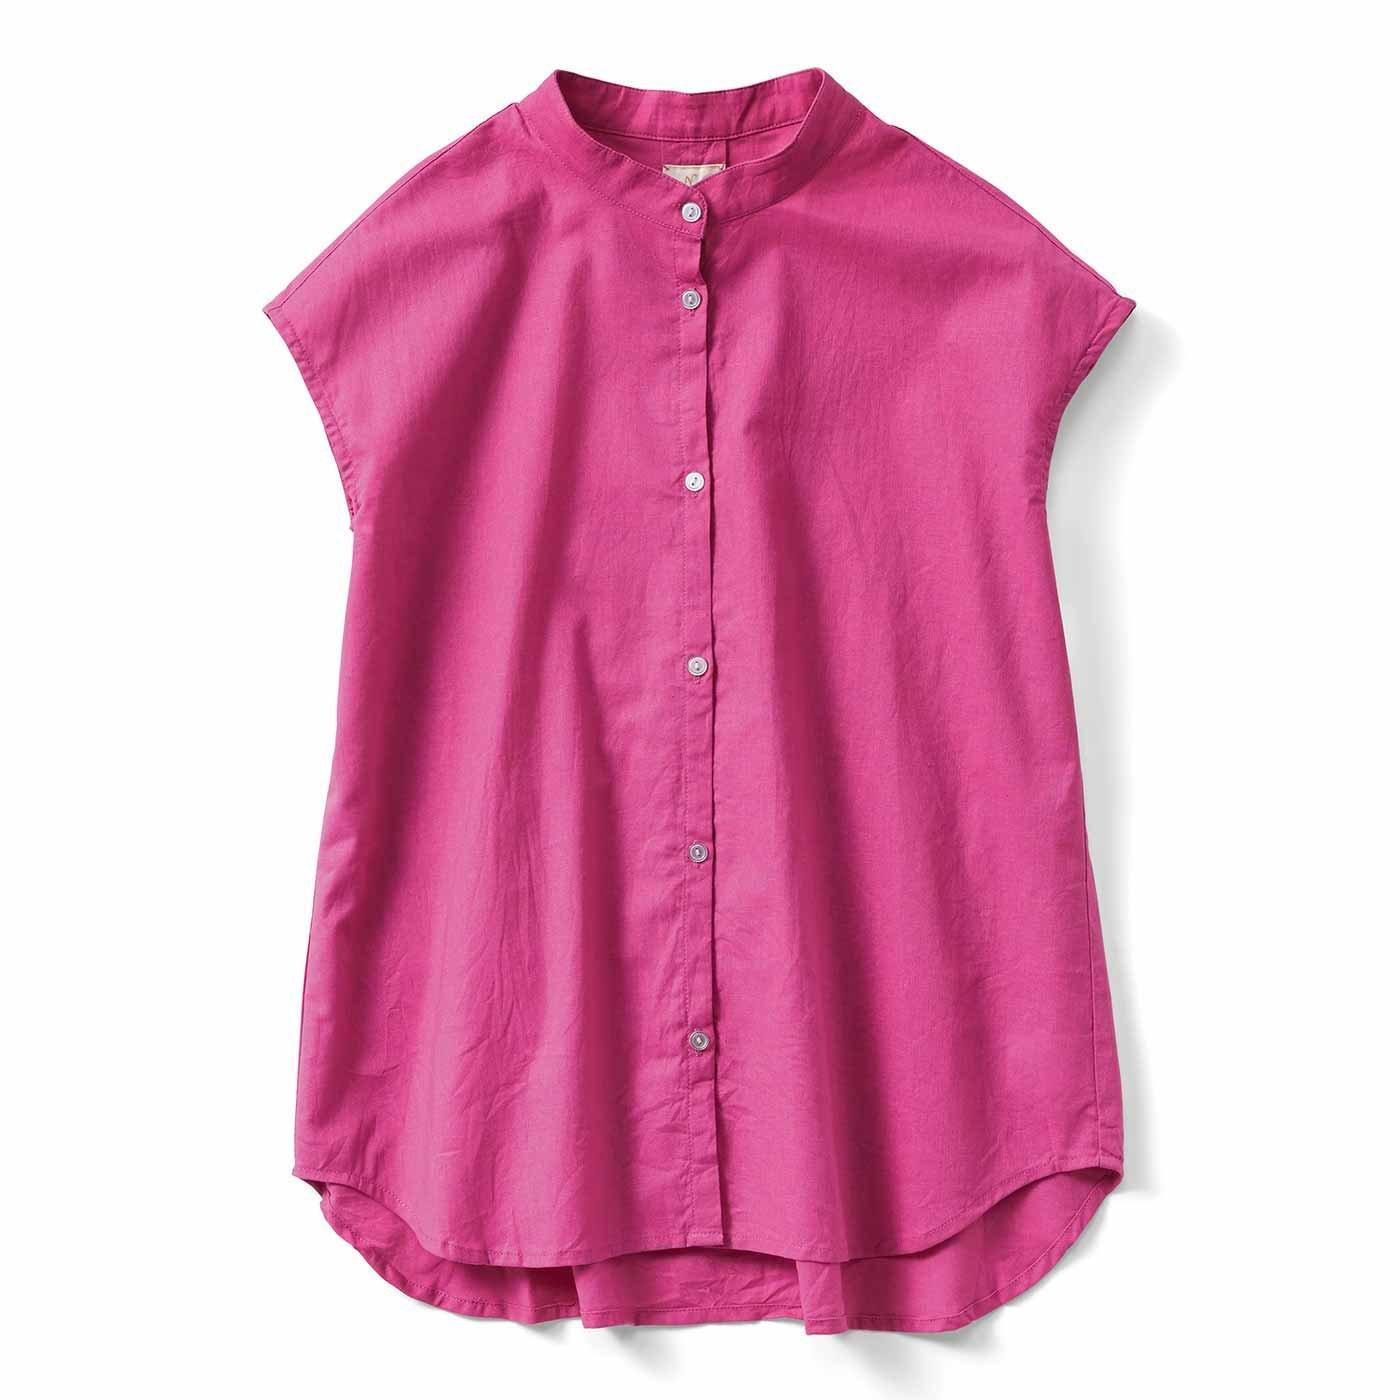 IEDIT[イディット] コットンリネンのバンドカラーシャツ〈ドラゴンフルーツピンク〉